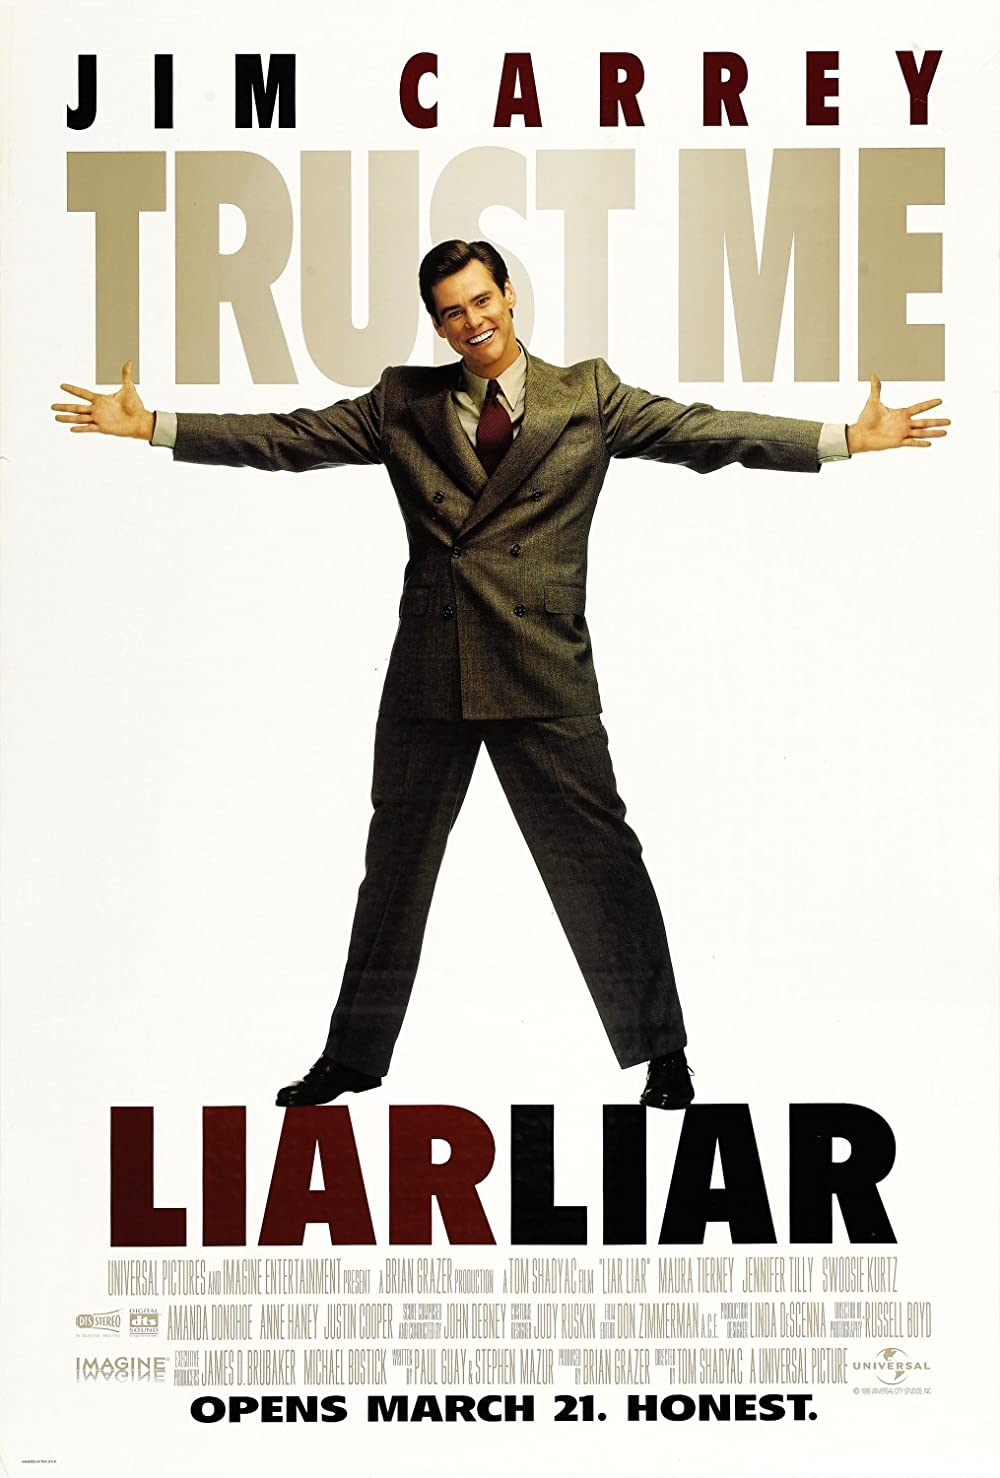 Liar Liar 1997 Hindi Dual Audio 1080p BluRay ESubs 1.3GB